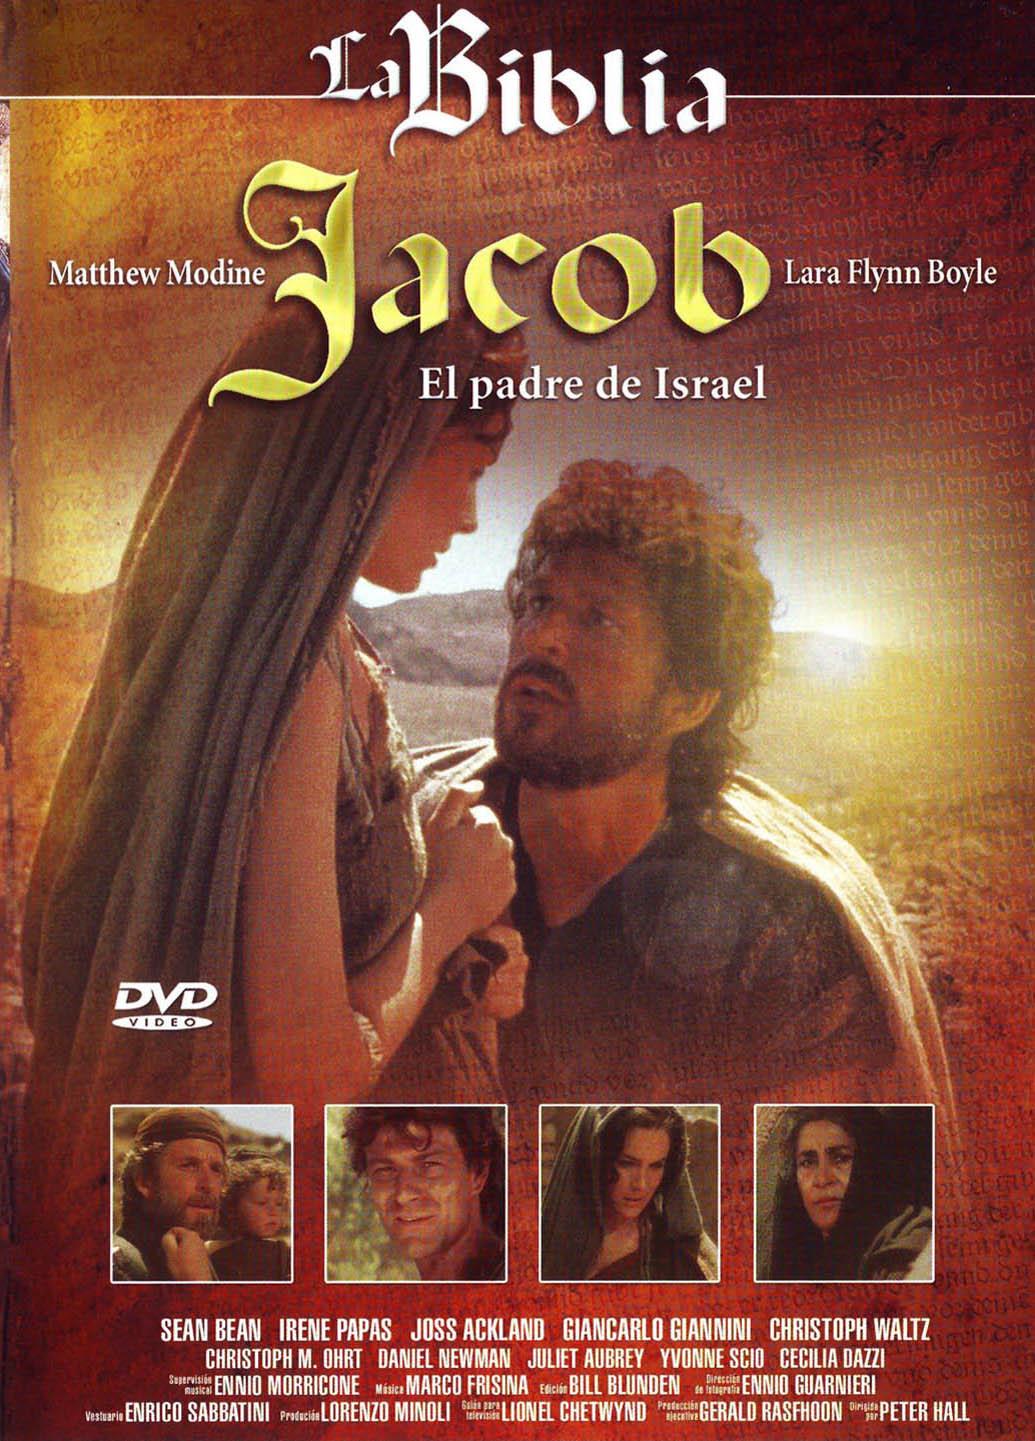 http://1.bp.blogspot.com/-1RHTRg1QFgM/T3tgaQqNJ8I/AAAAAAAAAqE/7rfaKY5ikeo/s1600/Jacob_El_Padre_De_Israel-Caratula.jpg